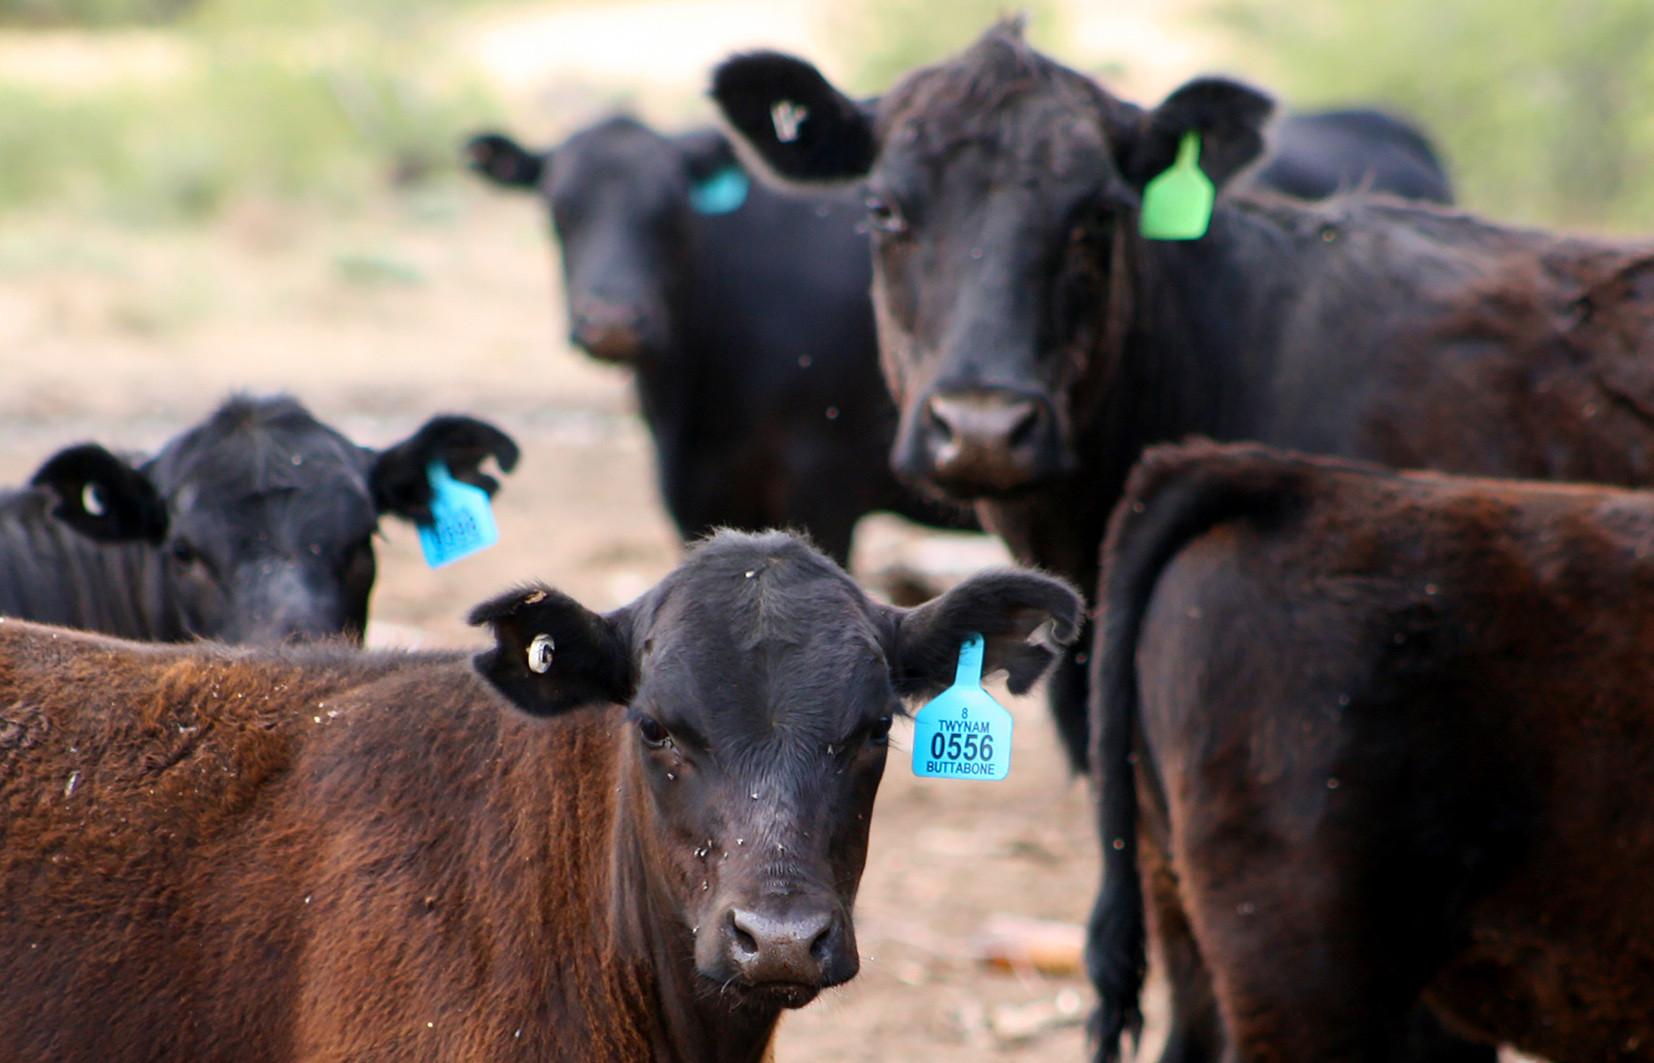 Cattle_Slider 7.jpg